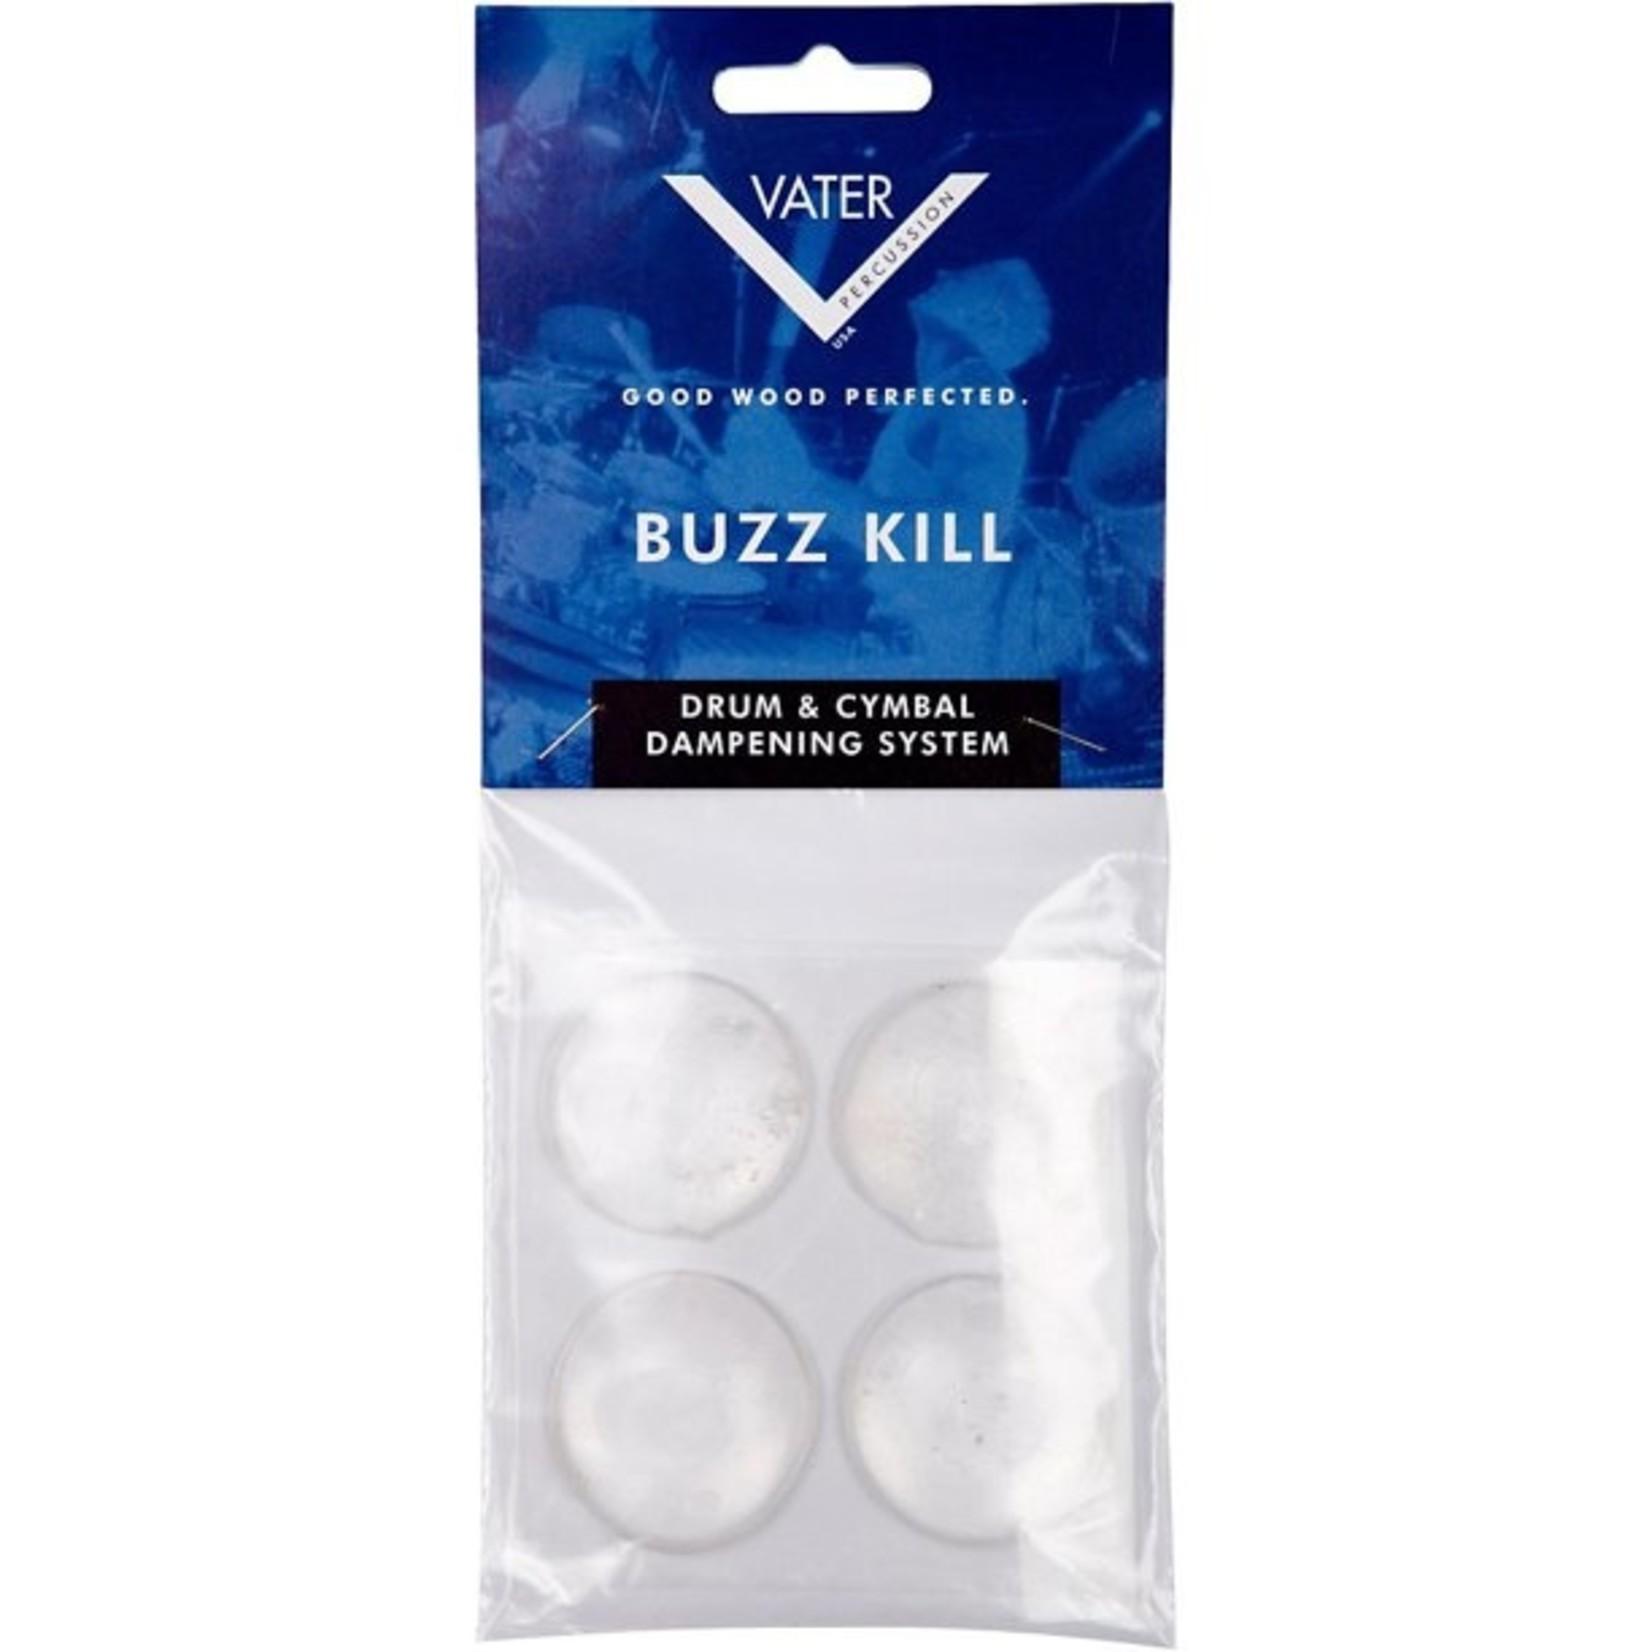 Vater Vater Buzz Kill Extra Dry